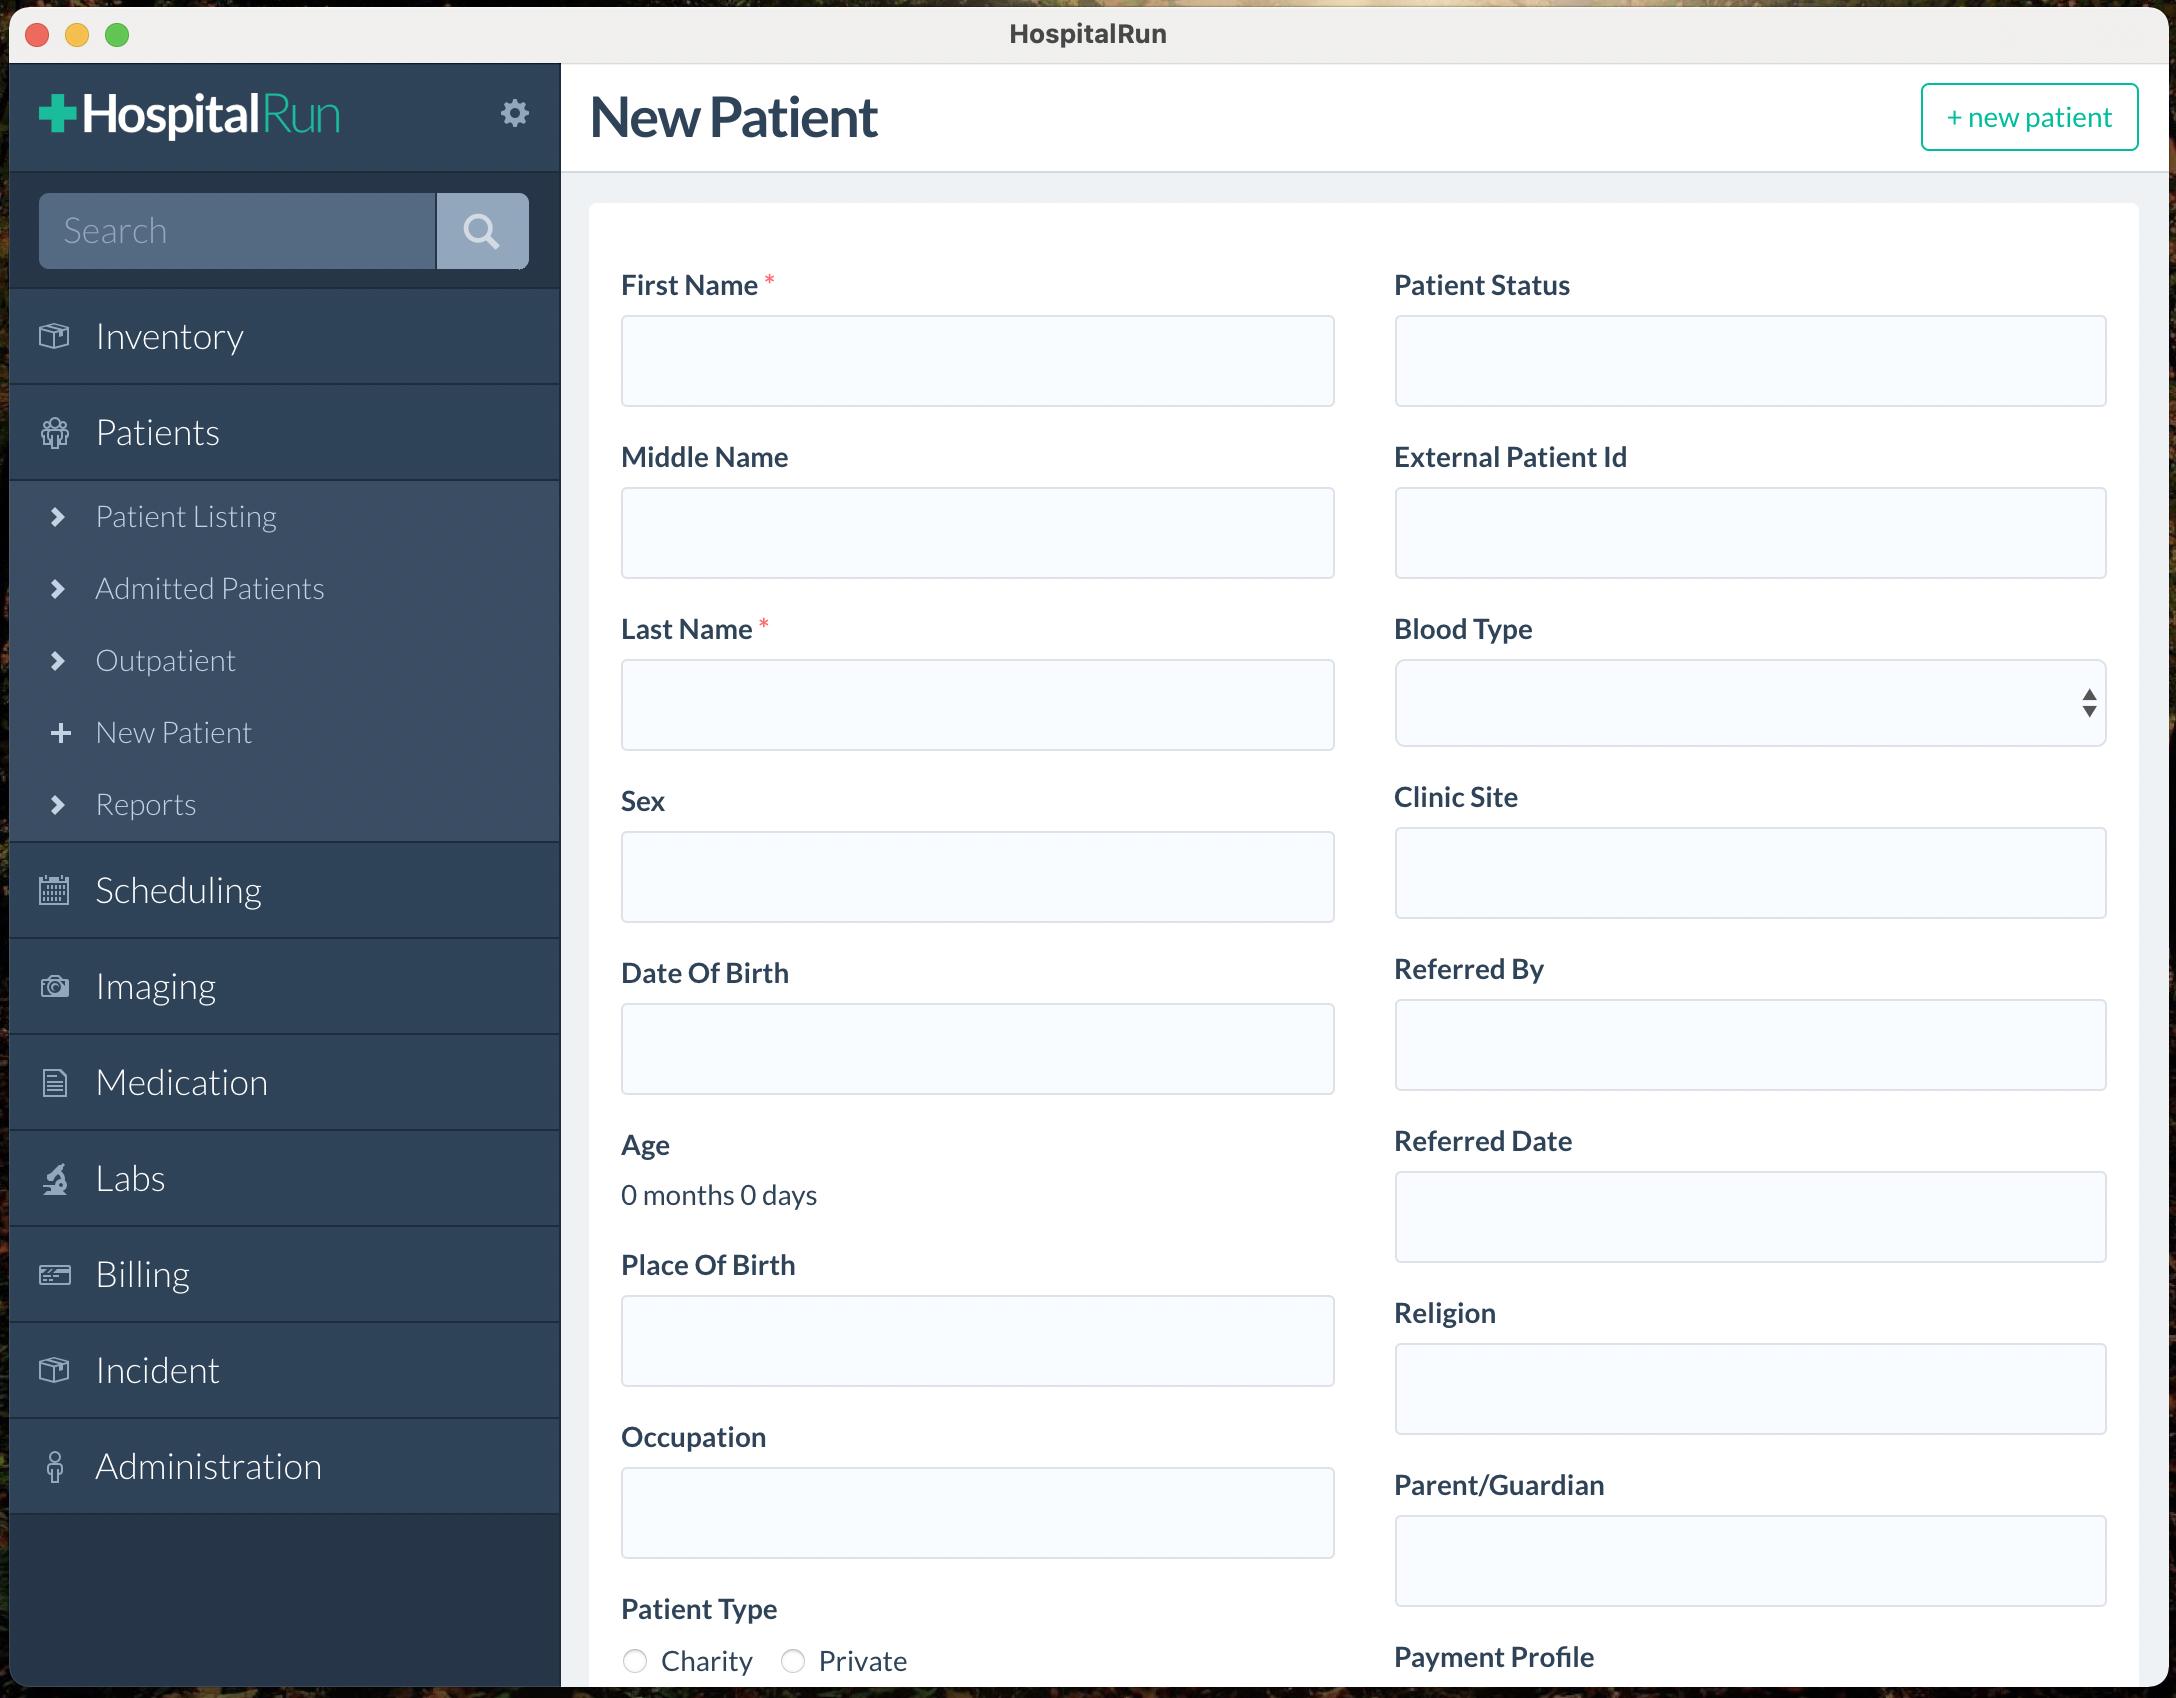 HospitalRun Client on macOS